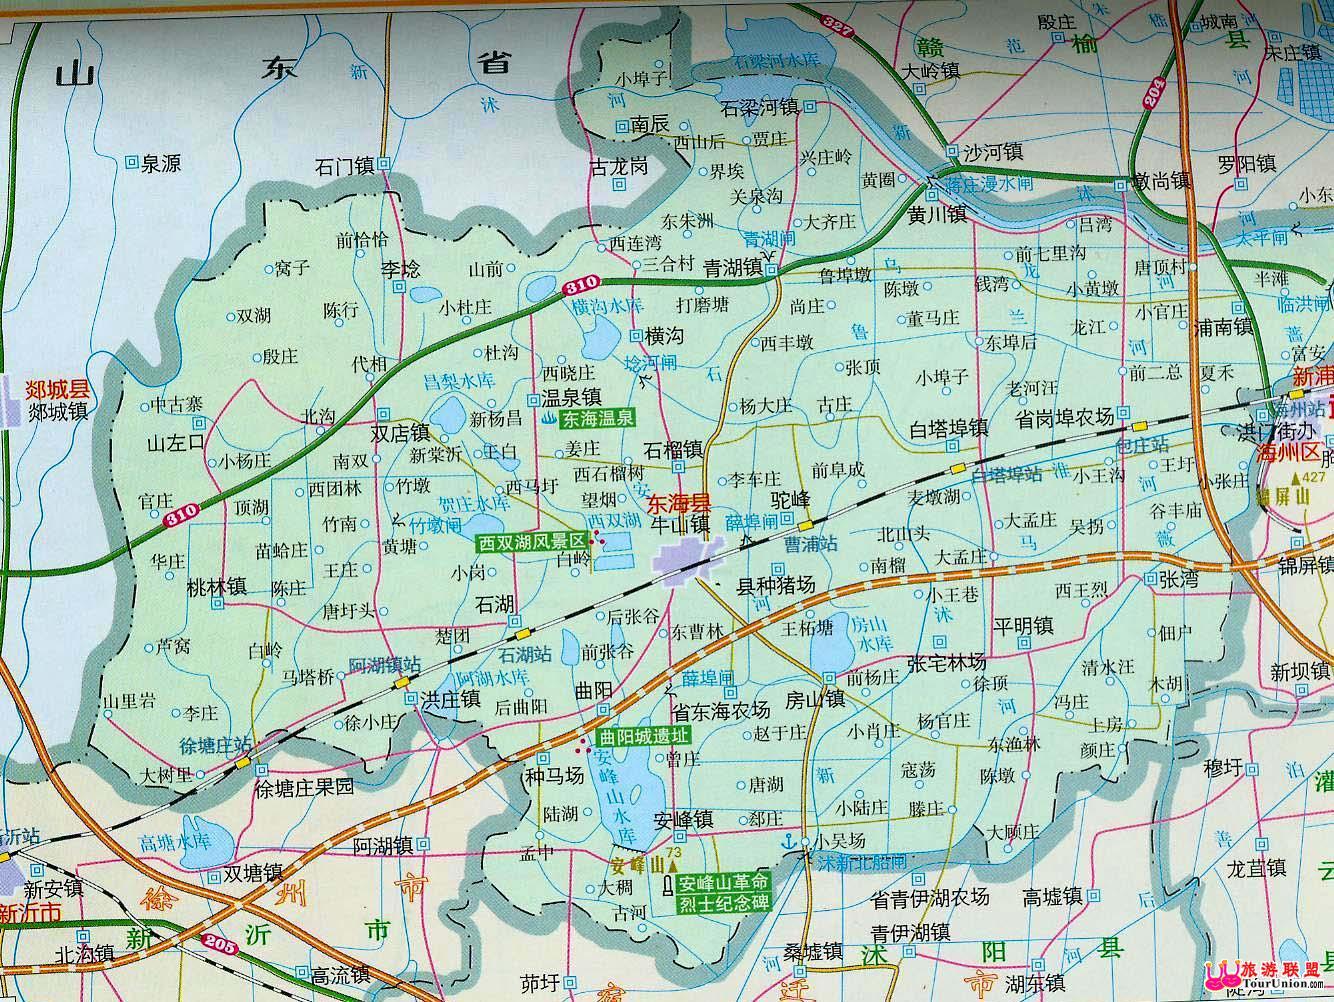 连云港市区地图